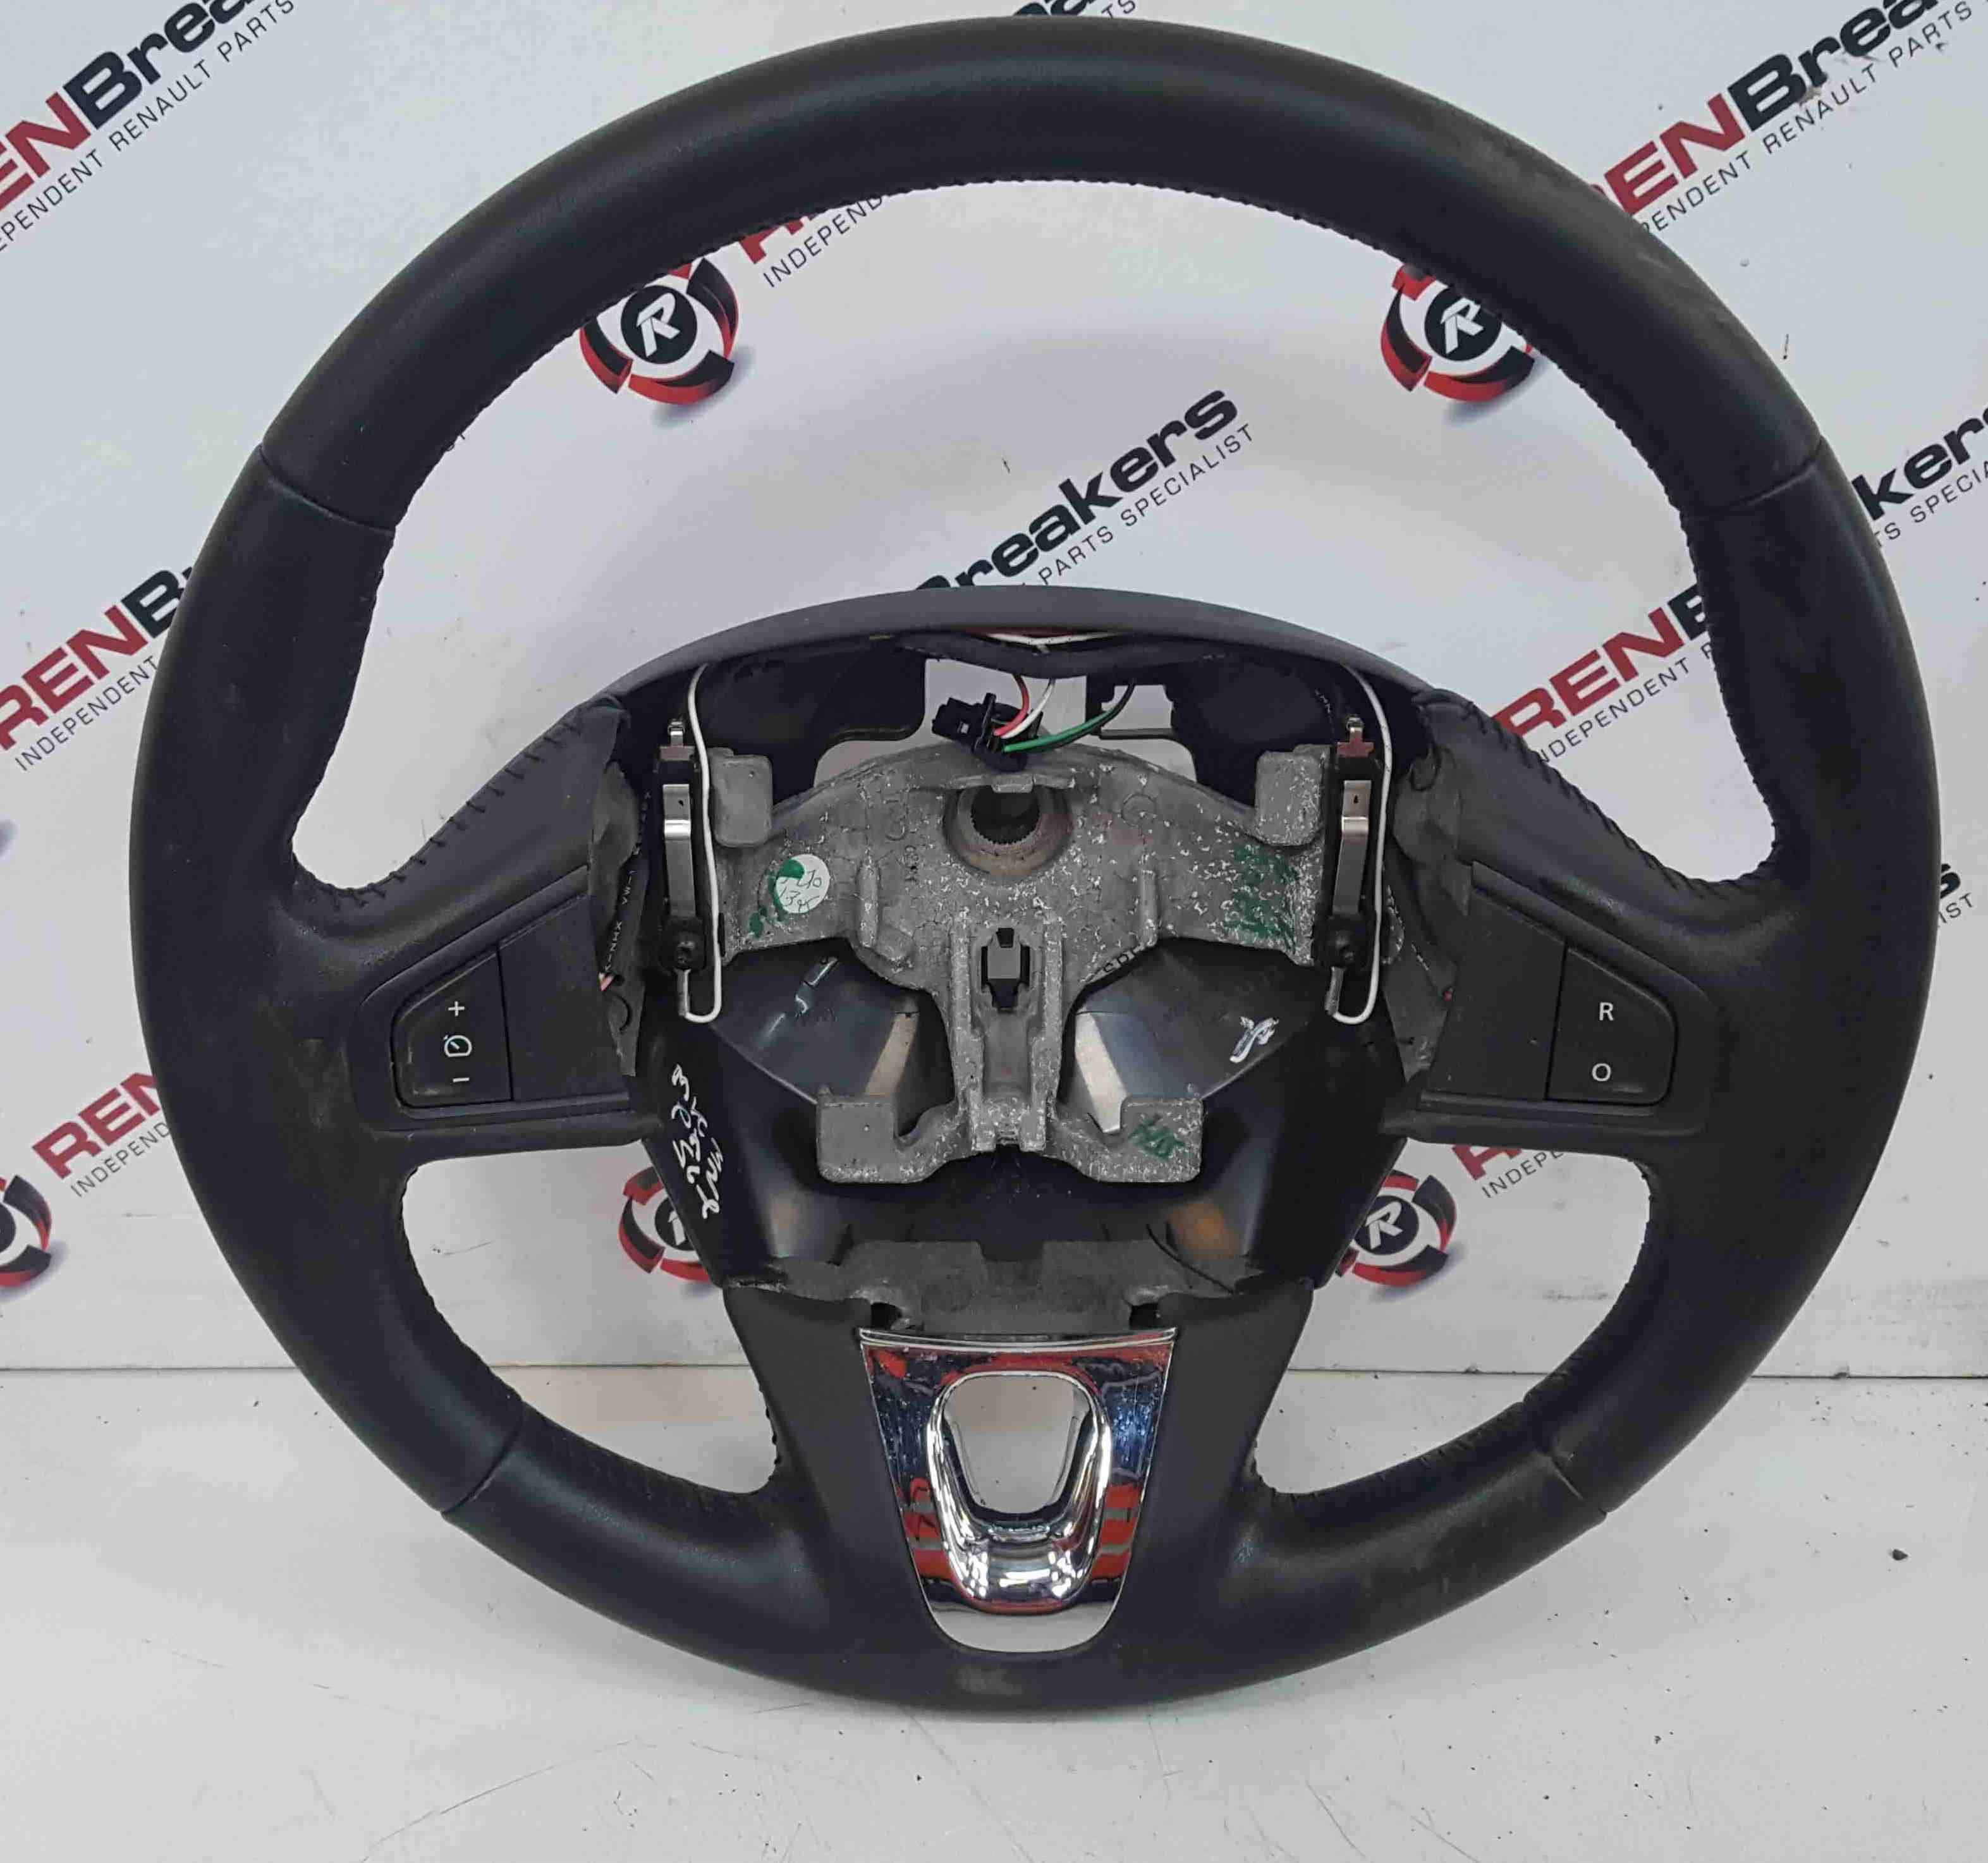 Renault Scenic MK3 2009-2016 Steering Wheel Chrome Insert Cruise 609581499